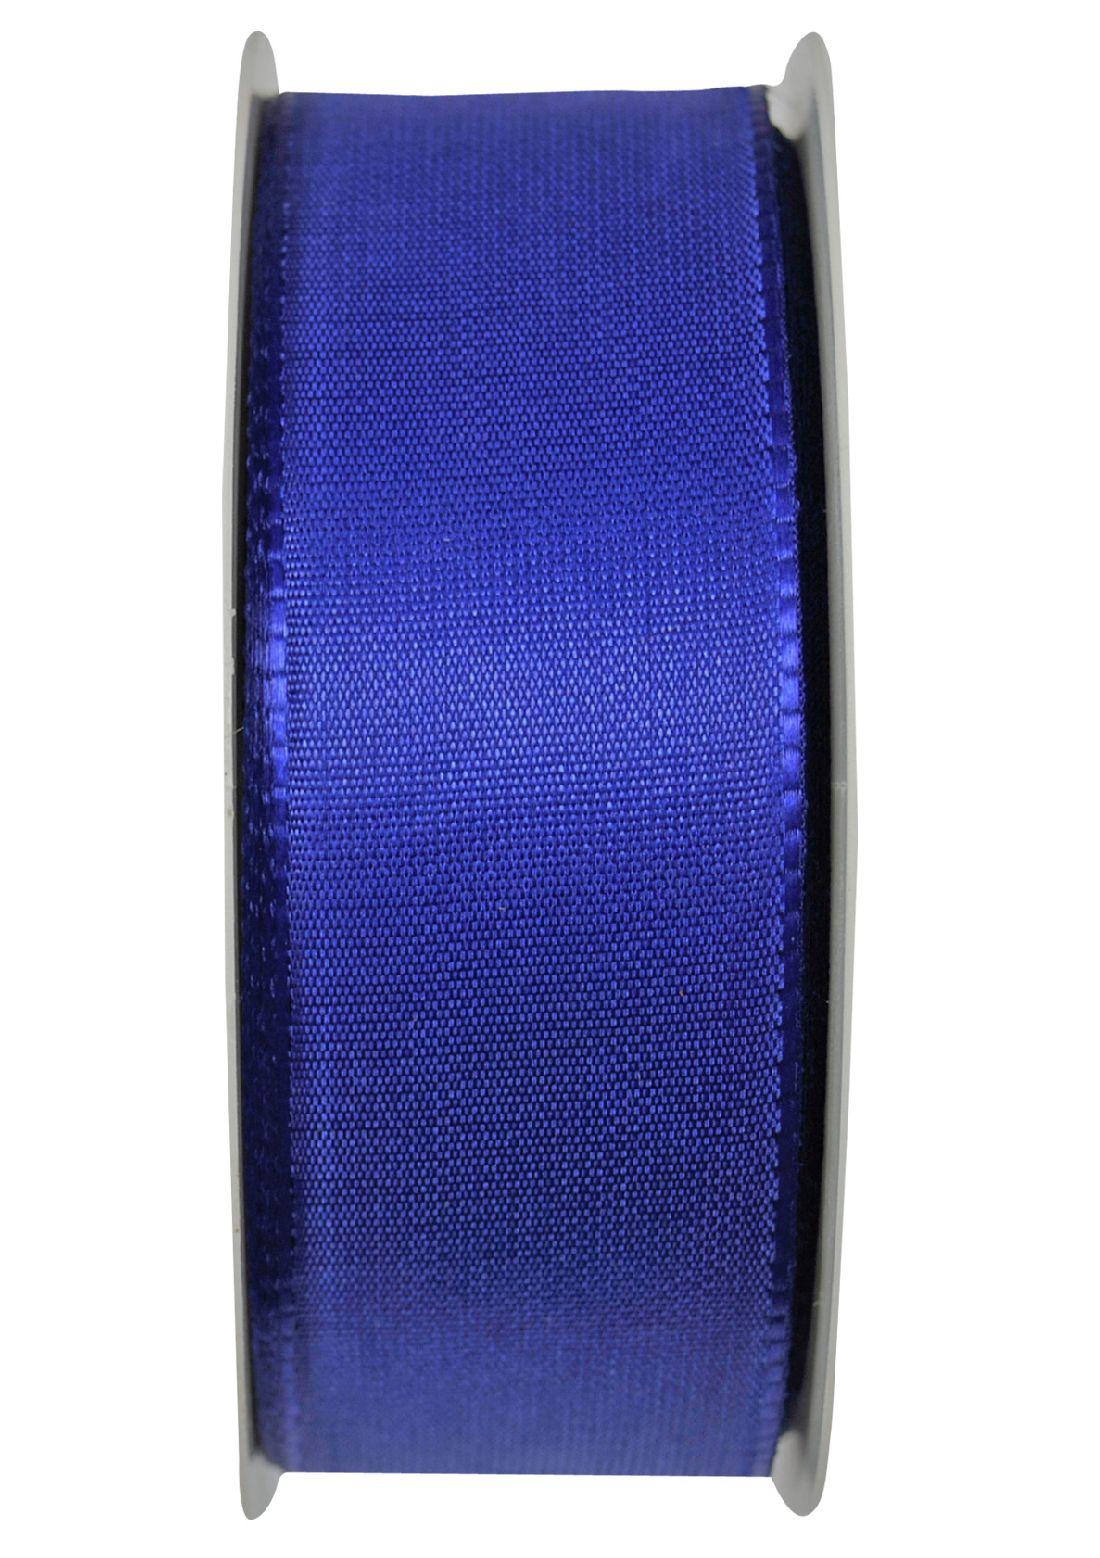 Basic ohne Draht / Taftband BLAU 35 40mm 50m